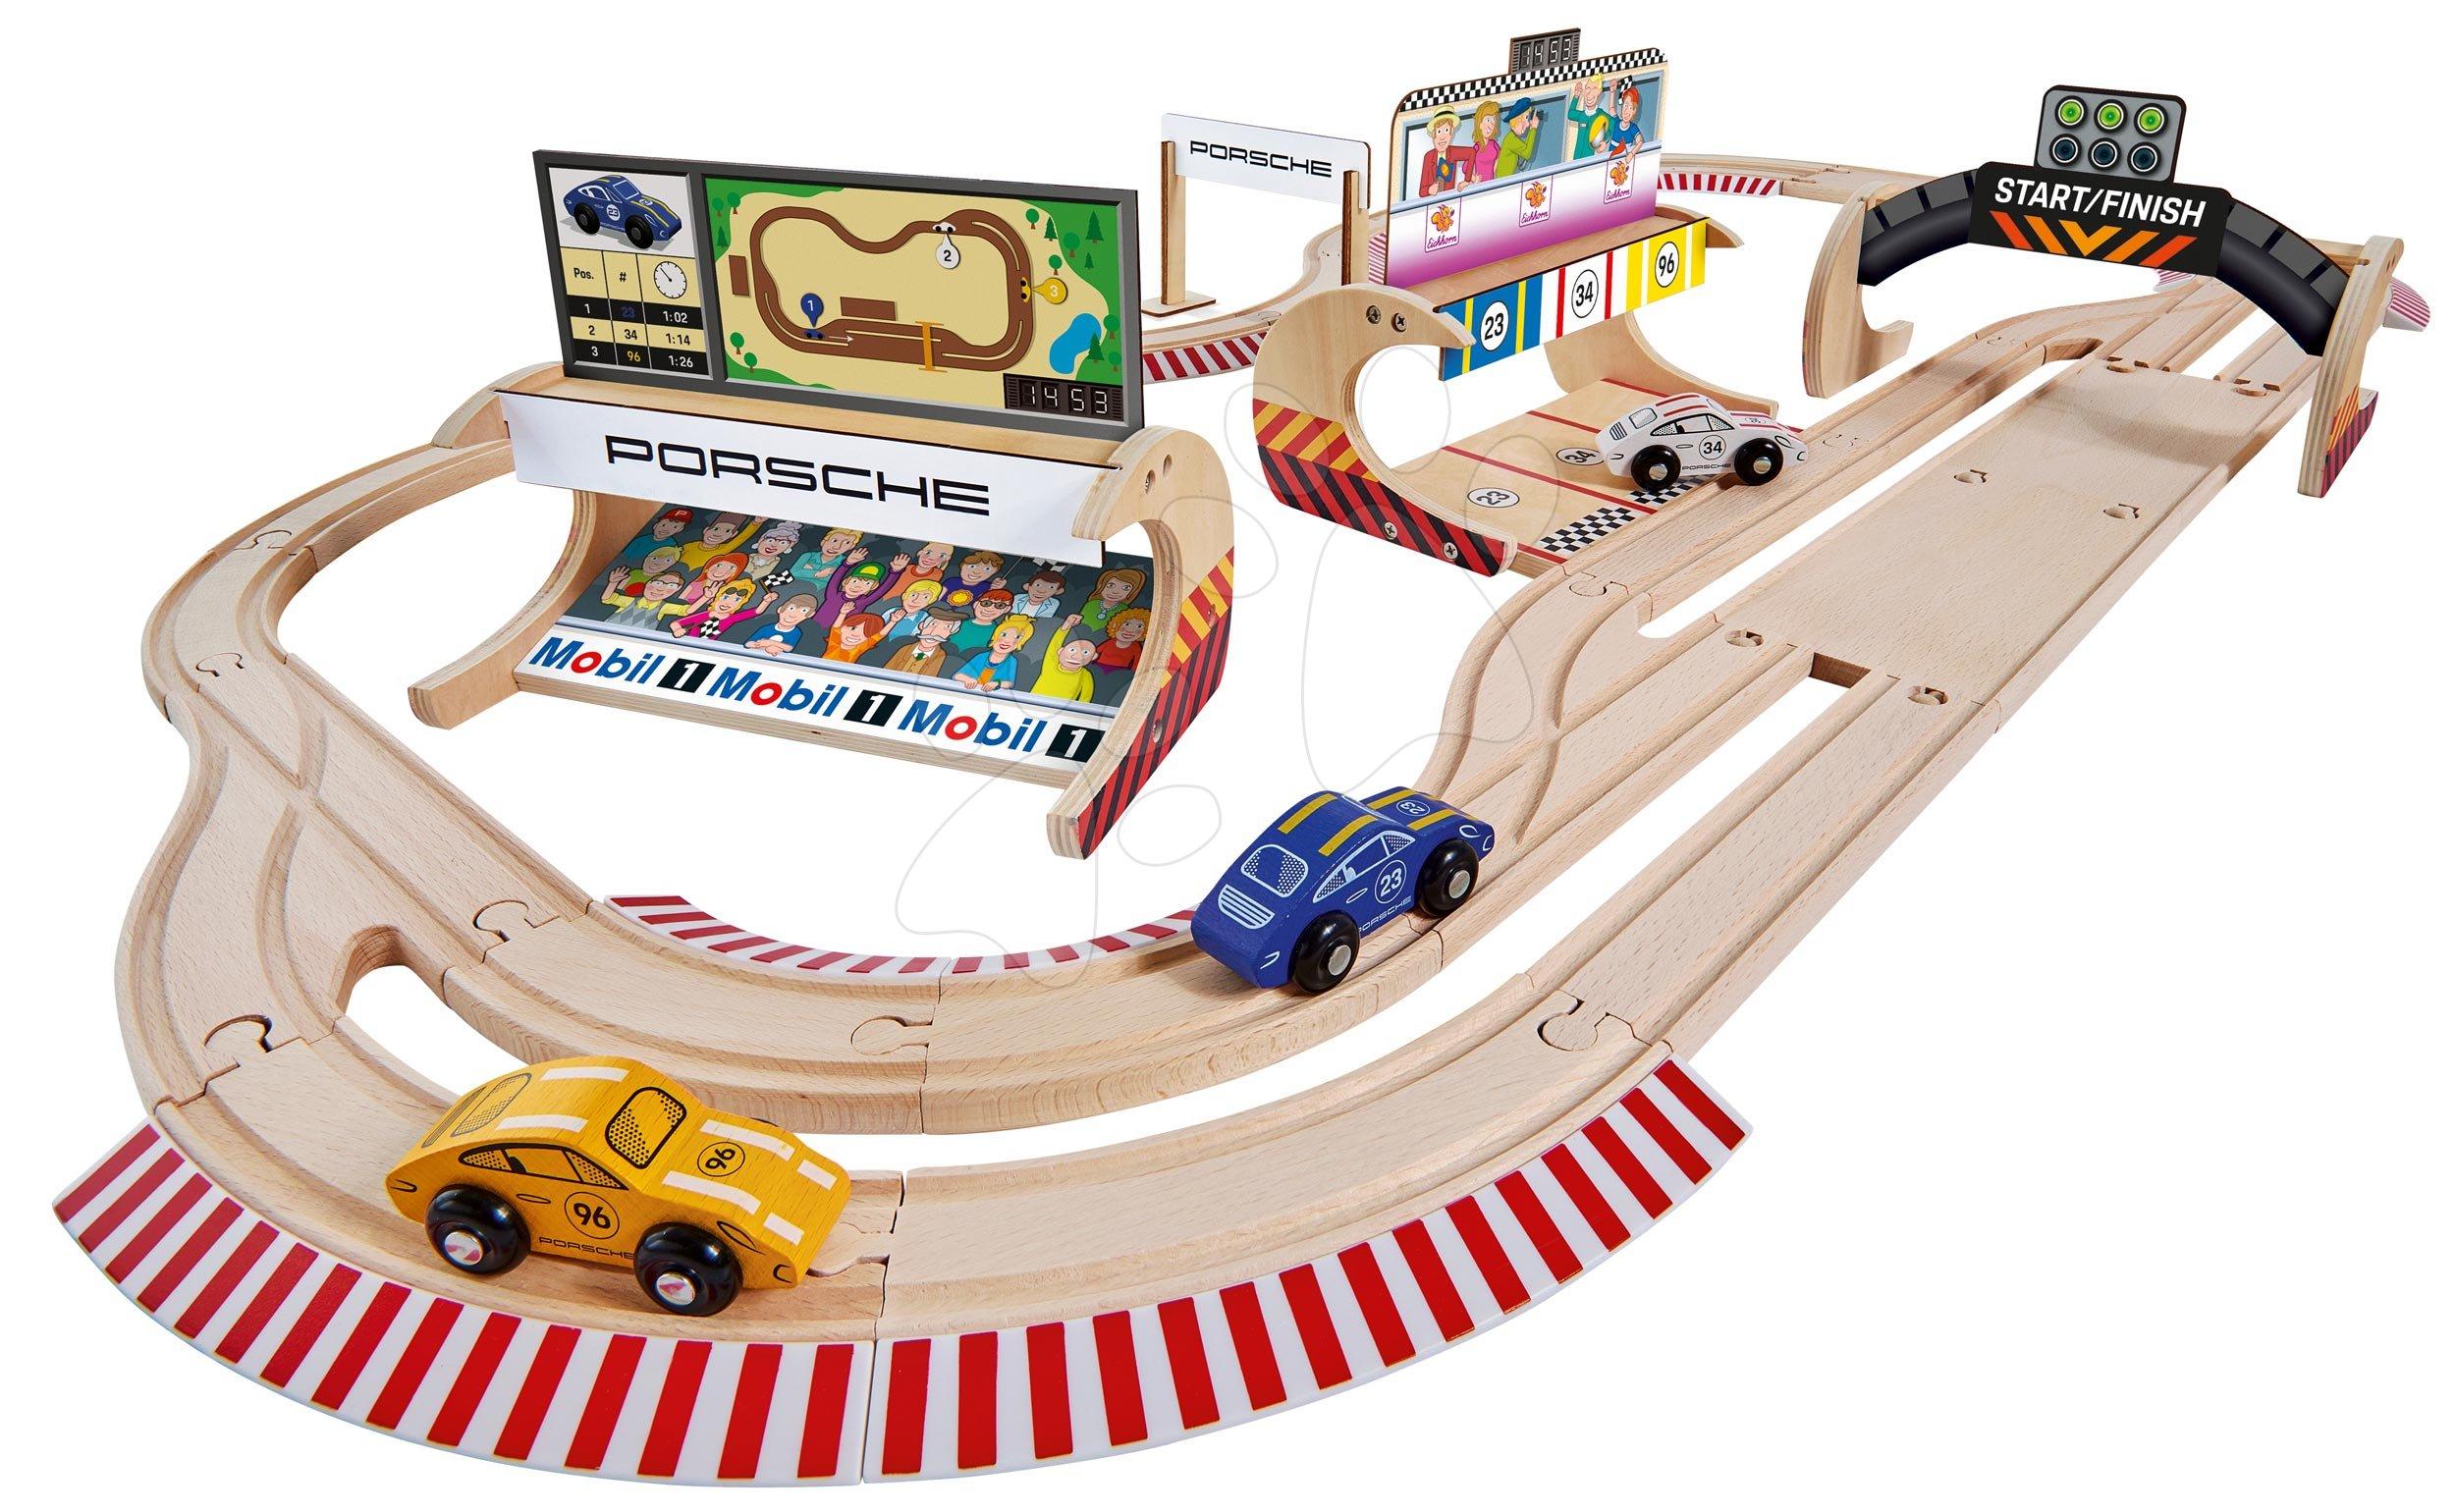 Pistă de mașini din lemn Porsche Racing Set Big Eichhorn pistă dublă și pit stop cu 3 mașini de curse 600 cm lungime 53 piese de la 3 ani